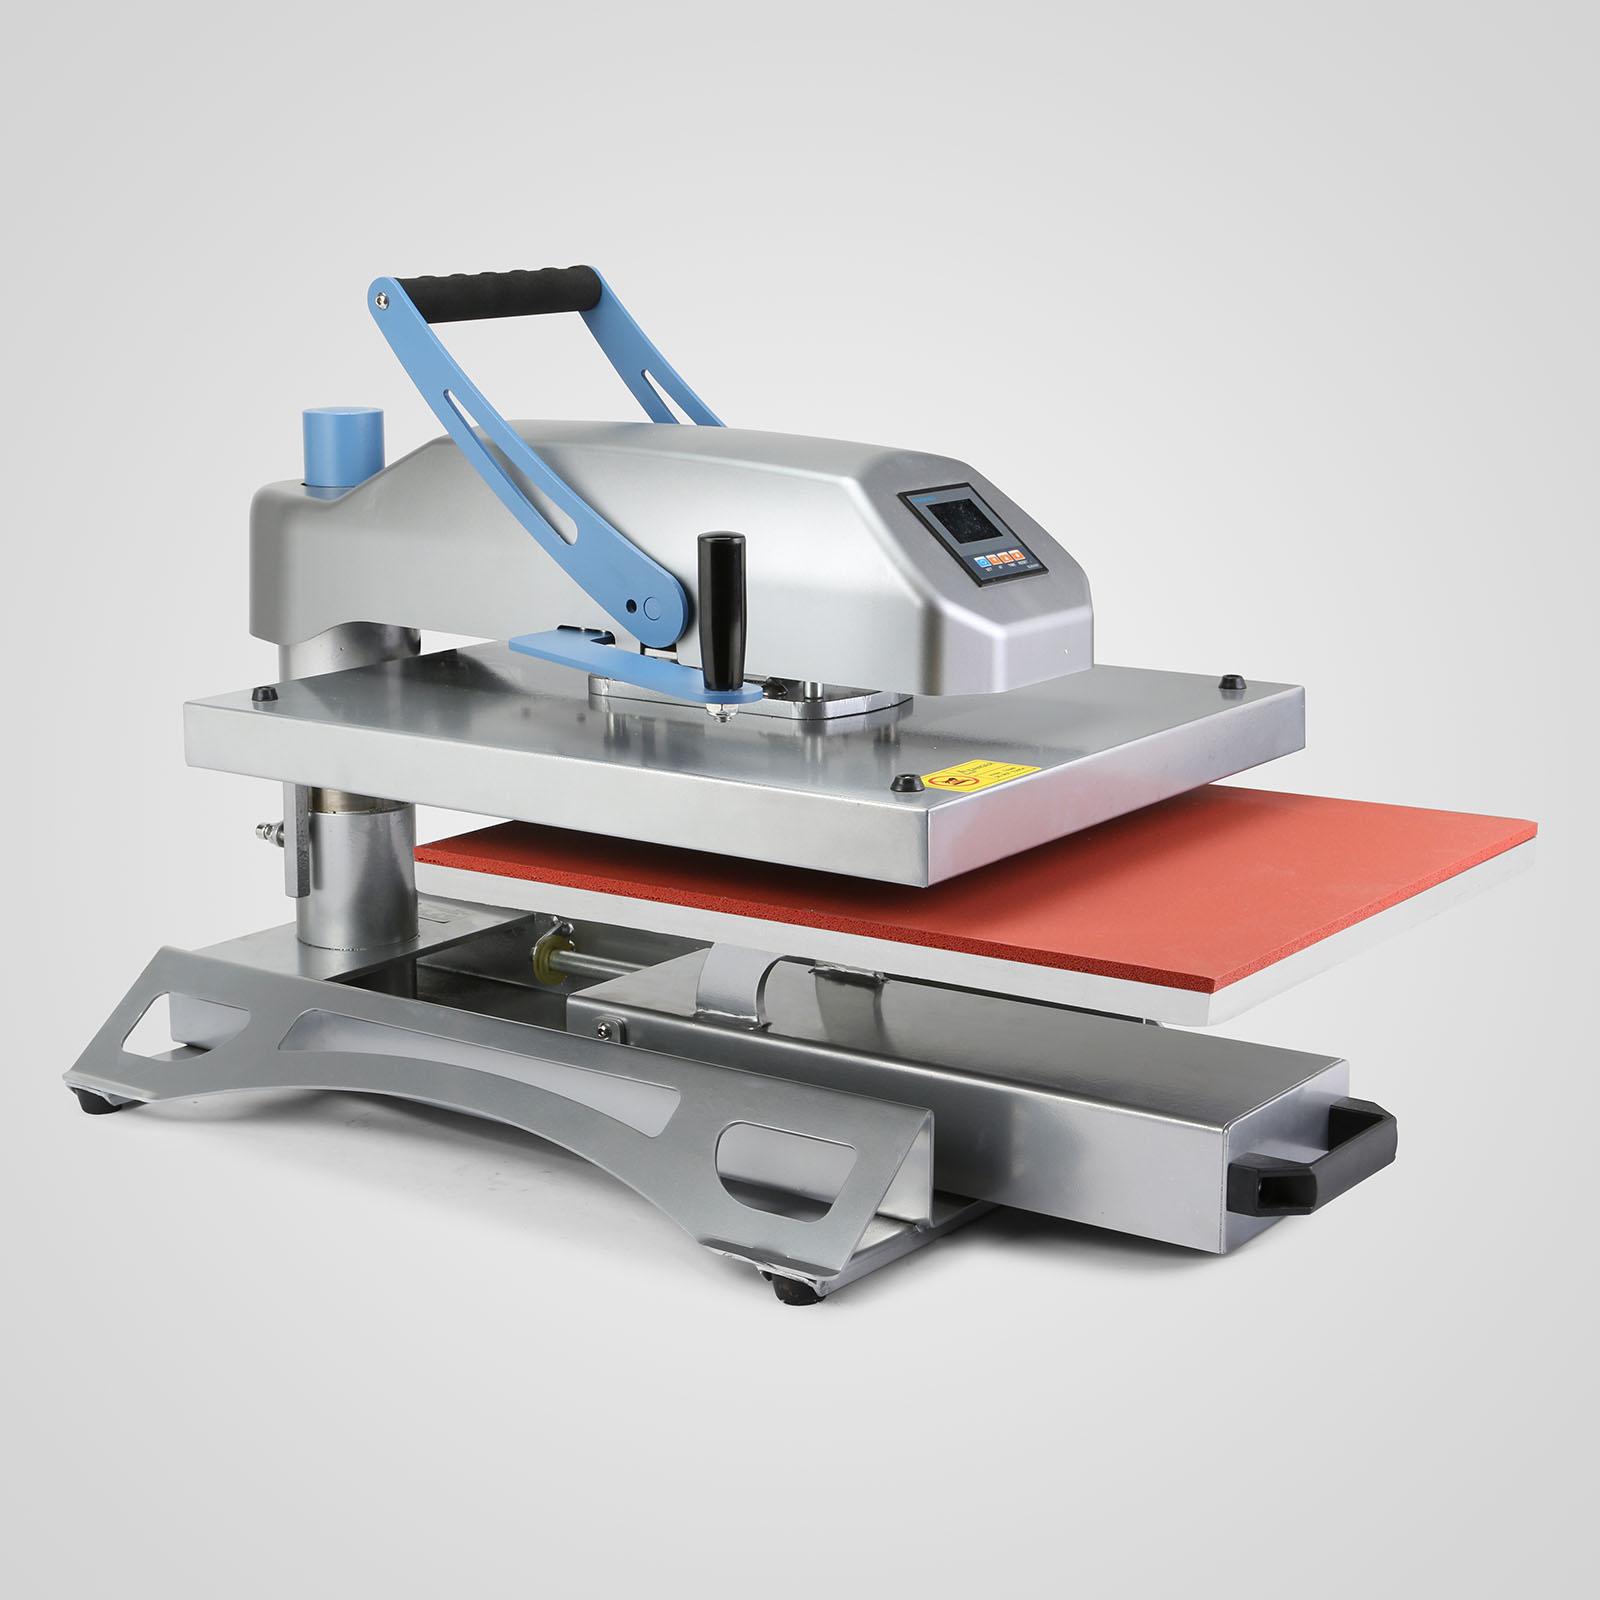 40x50cm Swing Arm Air Fusion Heat Press Machine